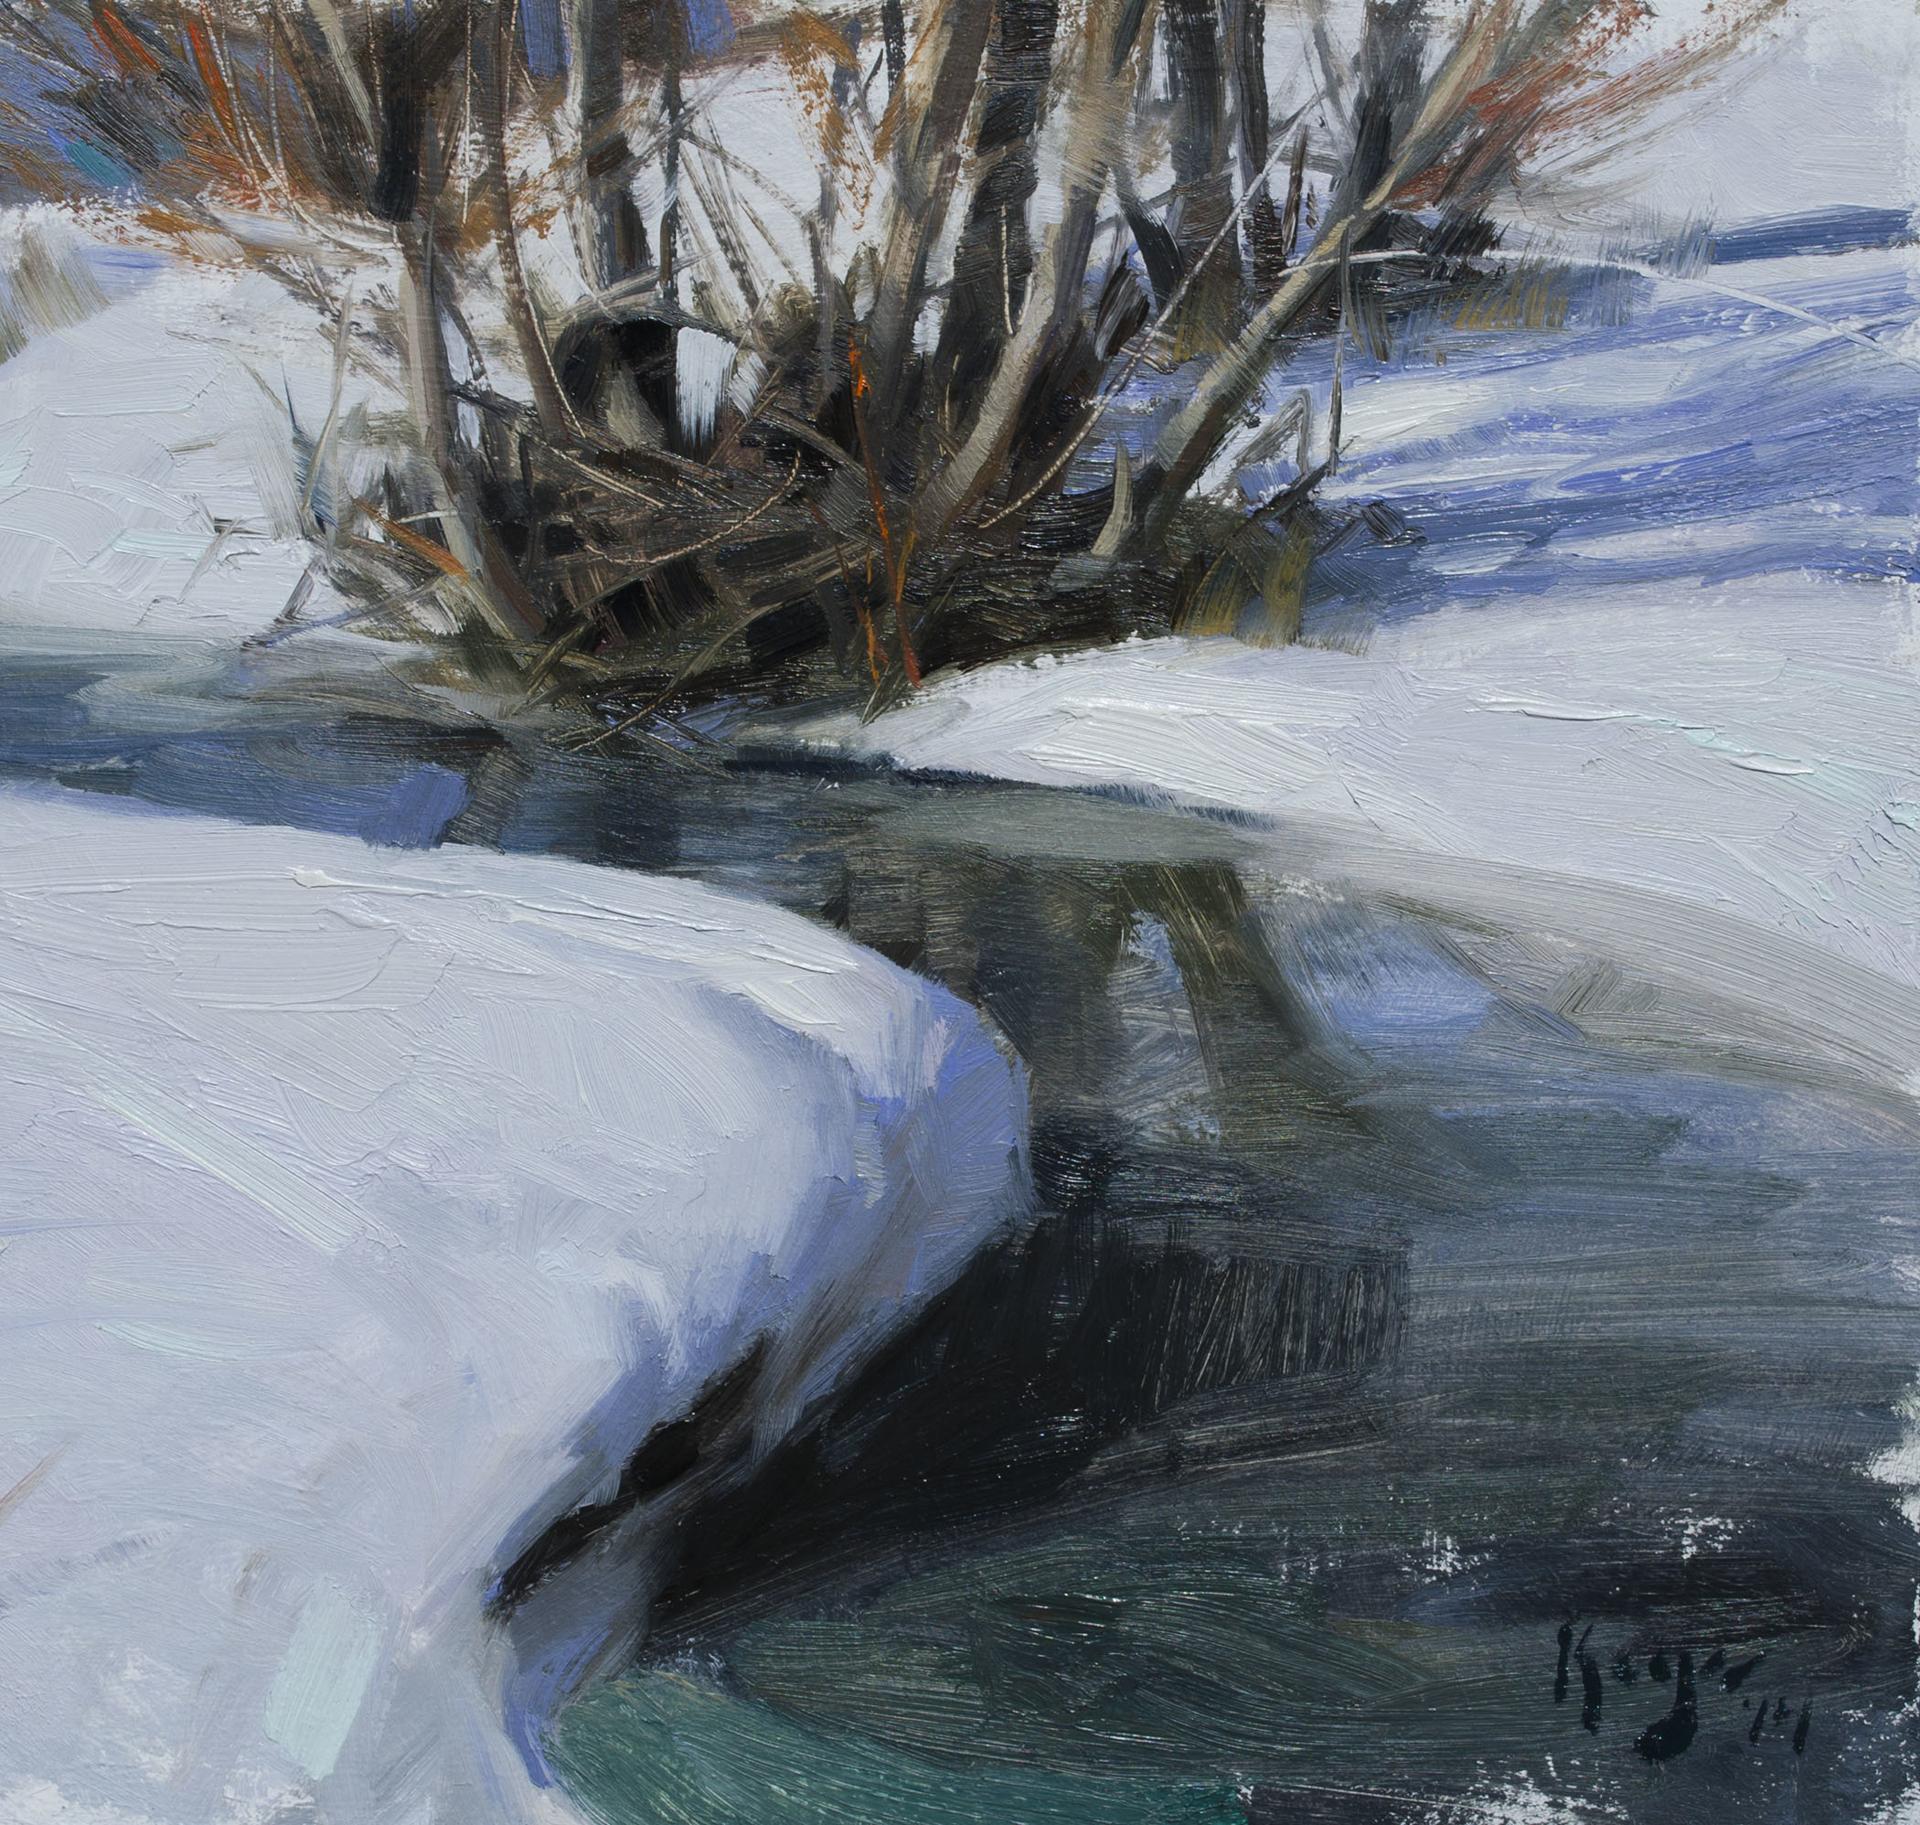 Thawing Stream by Daniel Keys